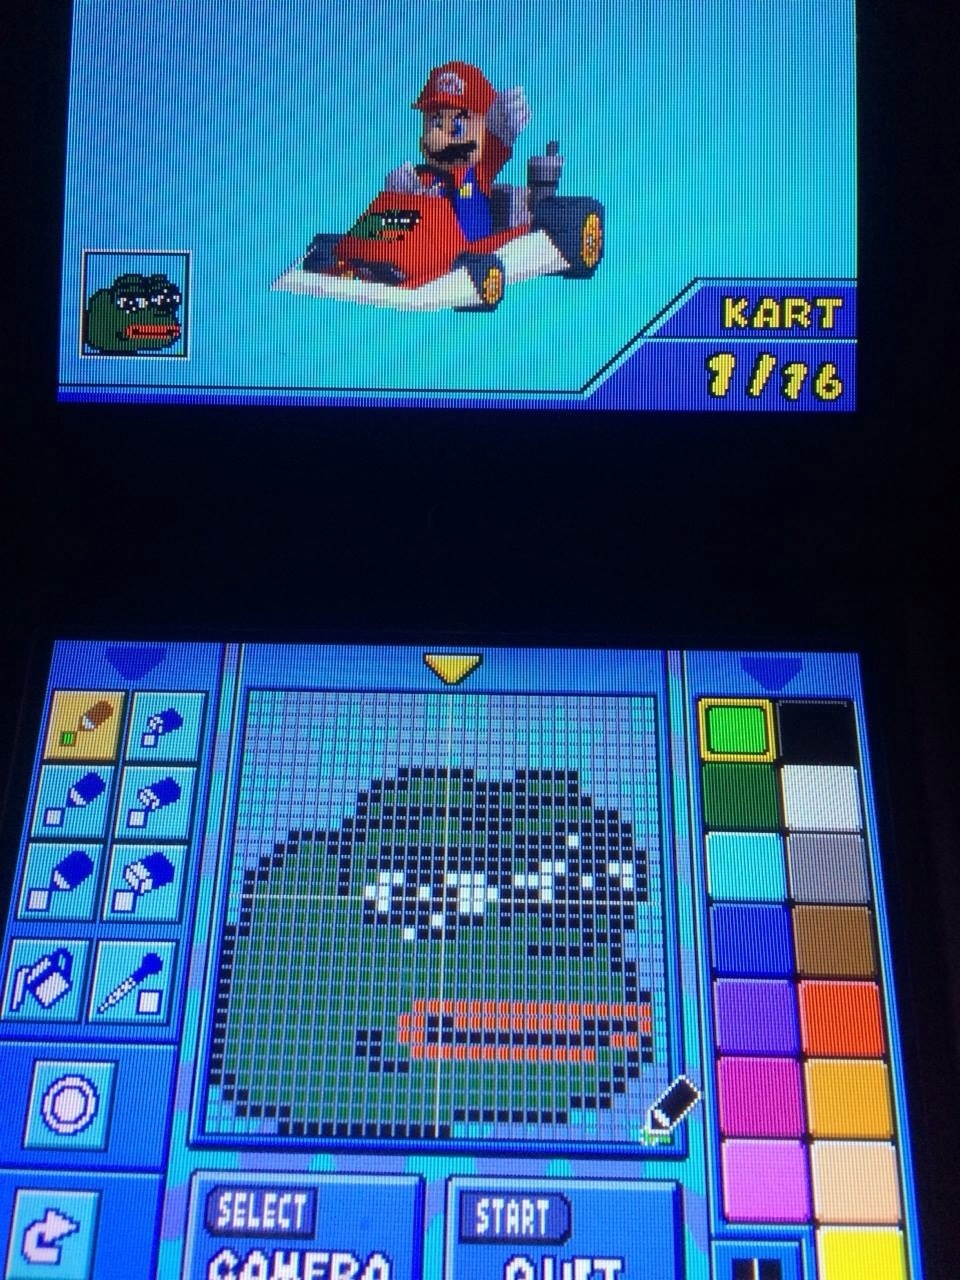 Pepe Kart DS - meme